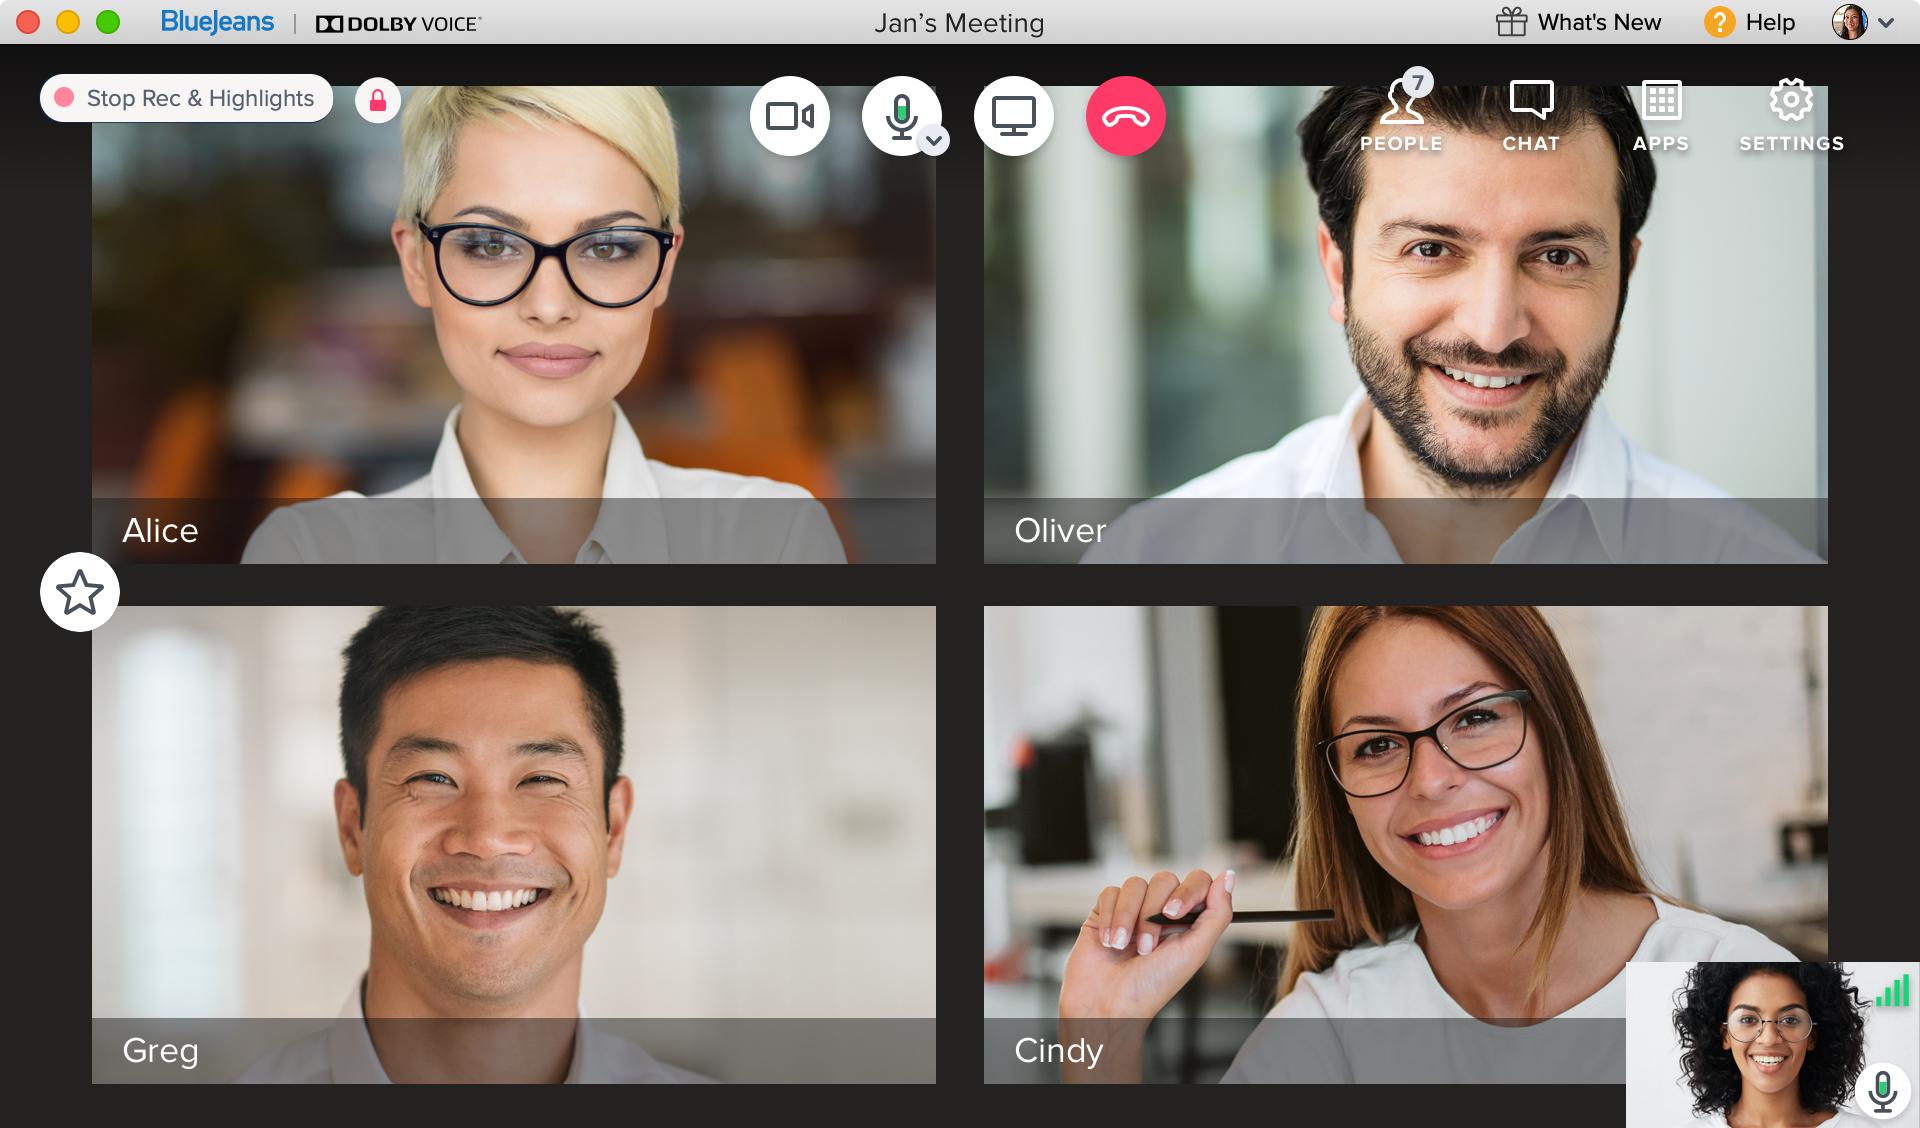 meetings grid view screen lock_2.jpg